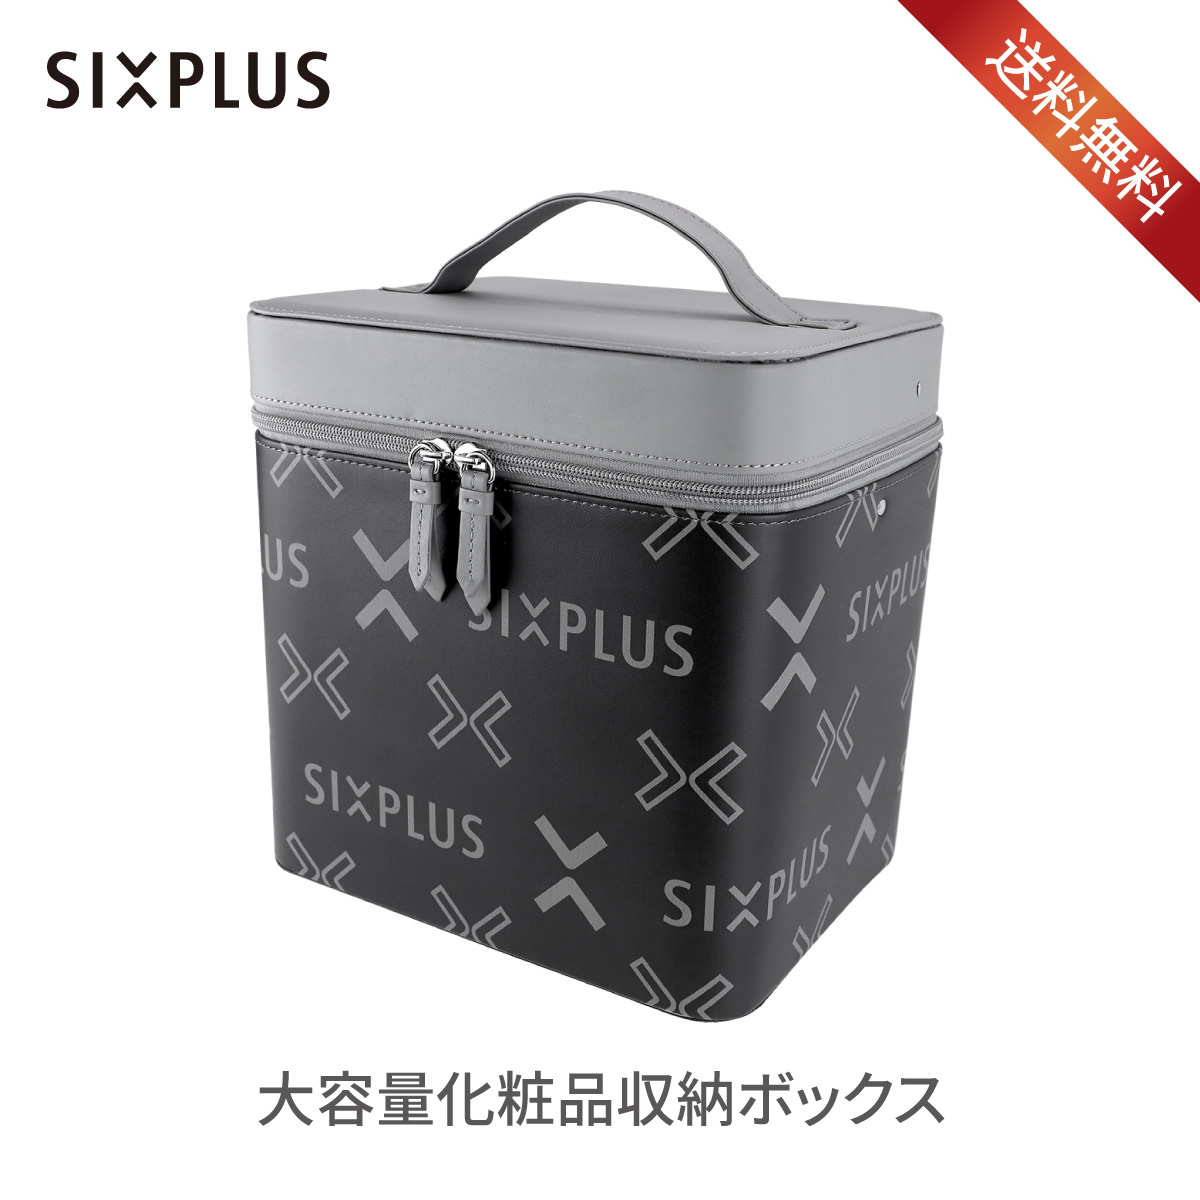 SIXPLUS メイクボックス 朝のメイクや旅行への持ち運びなどにお使いいただけます ブラック 大容量 商舗 コンパクト 持ち運び 鏡付き コスメ収納 化粧品収納ボックス 送料無料 プレゼント 防塵 防水 あす楽対応 メイク収納 格安激安 コスメボックス 化粧品収納箱